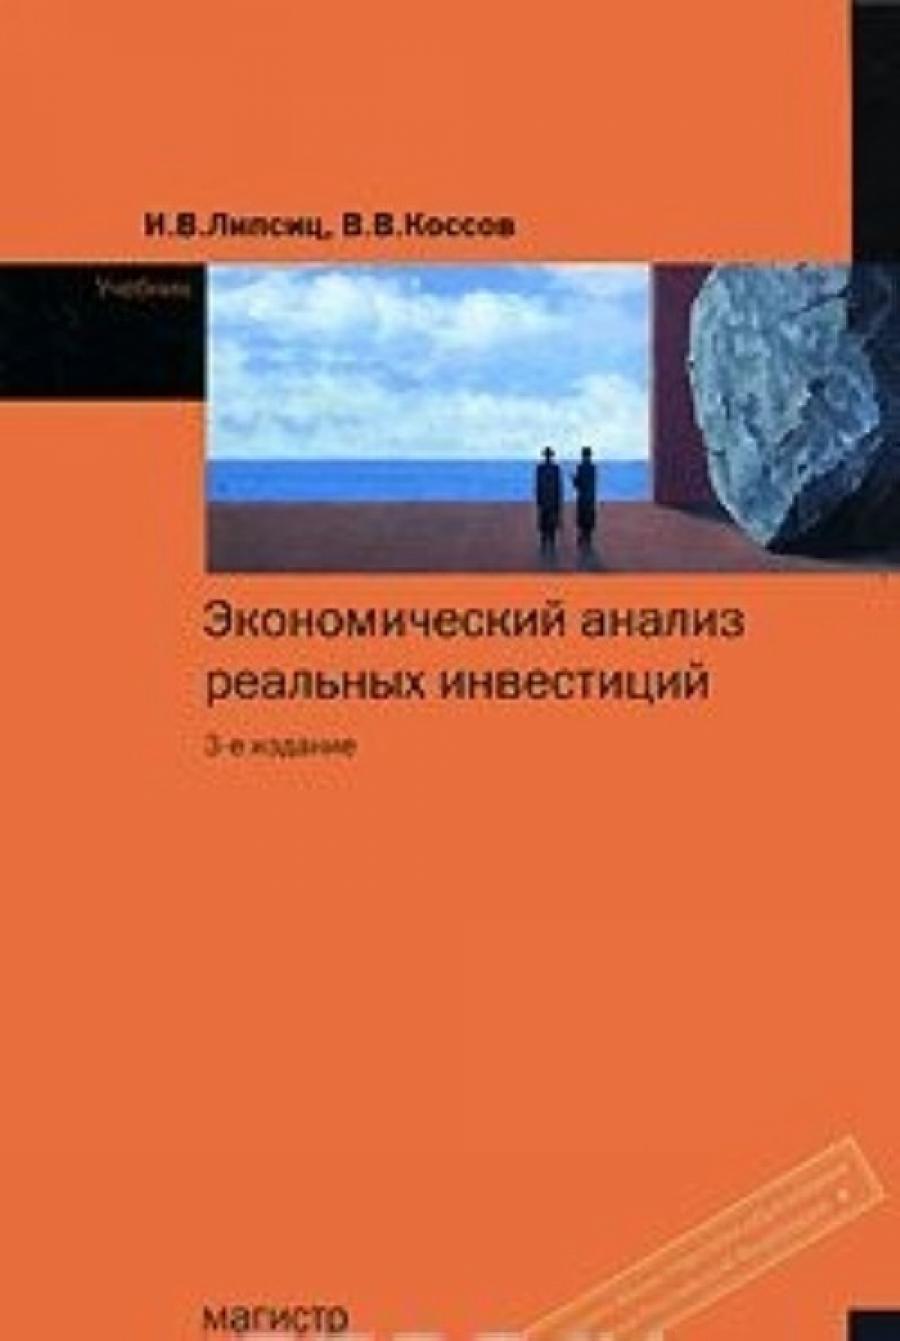 Обложка книги:  липсиц и.в., коссов в.в. - экономический анализ реальных инвестиций